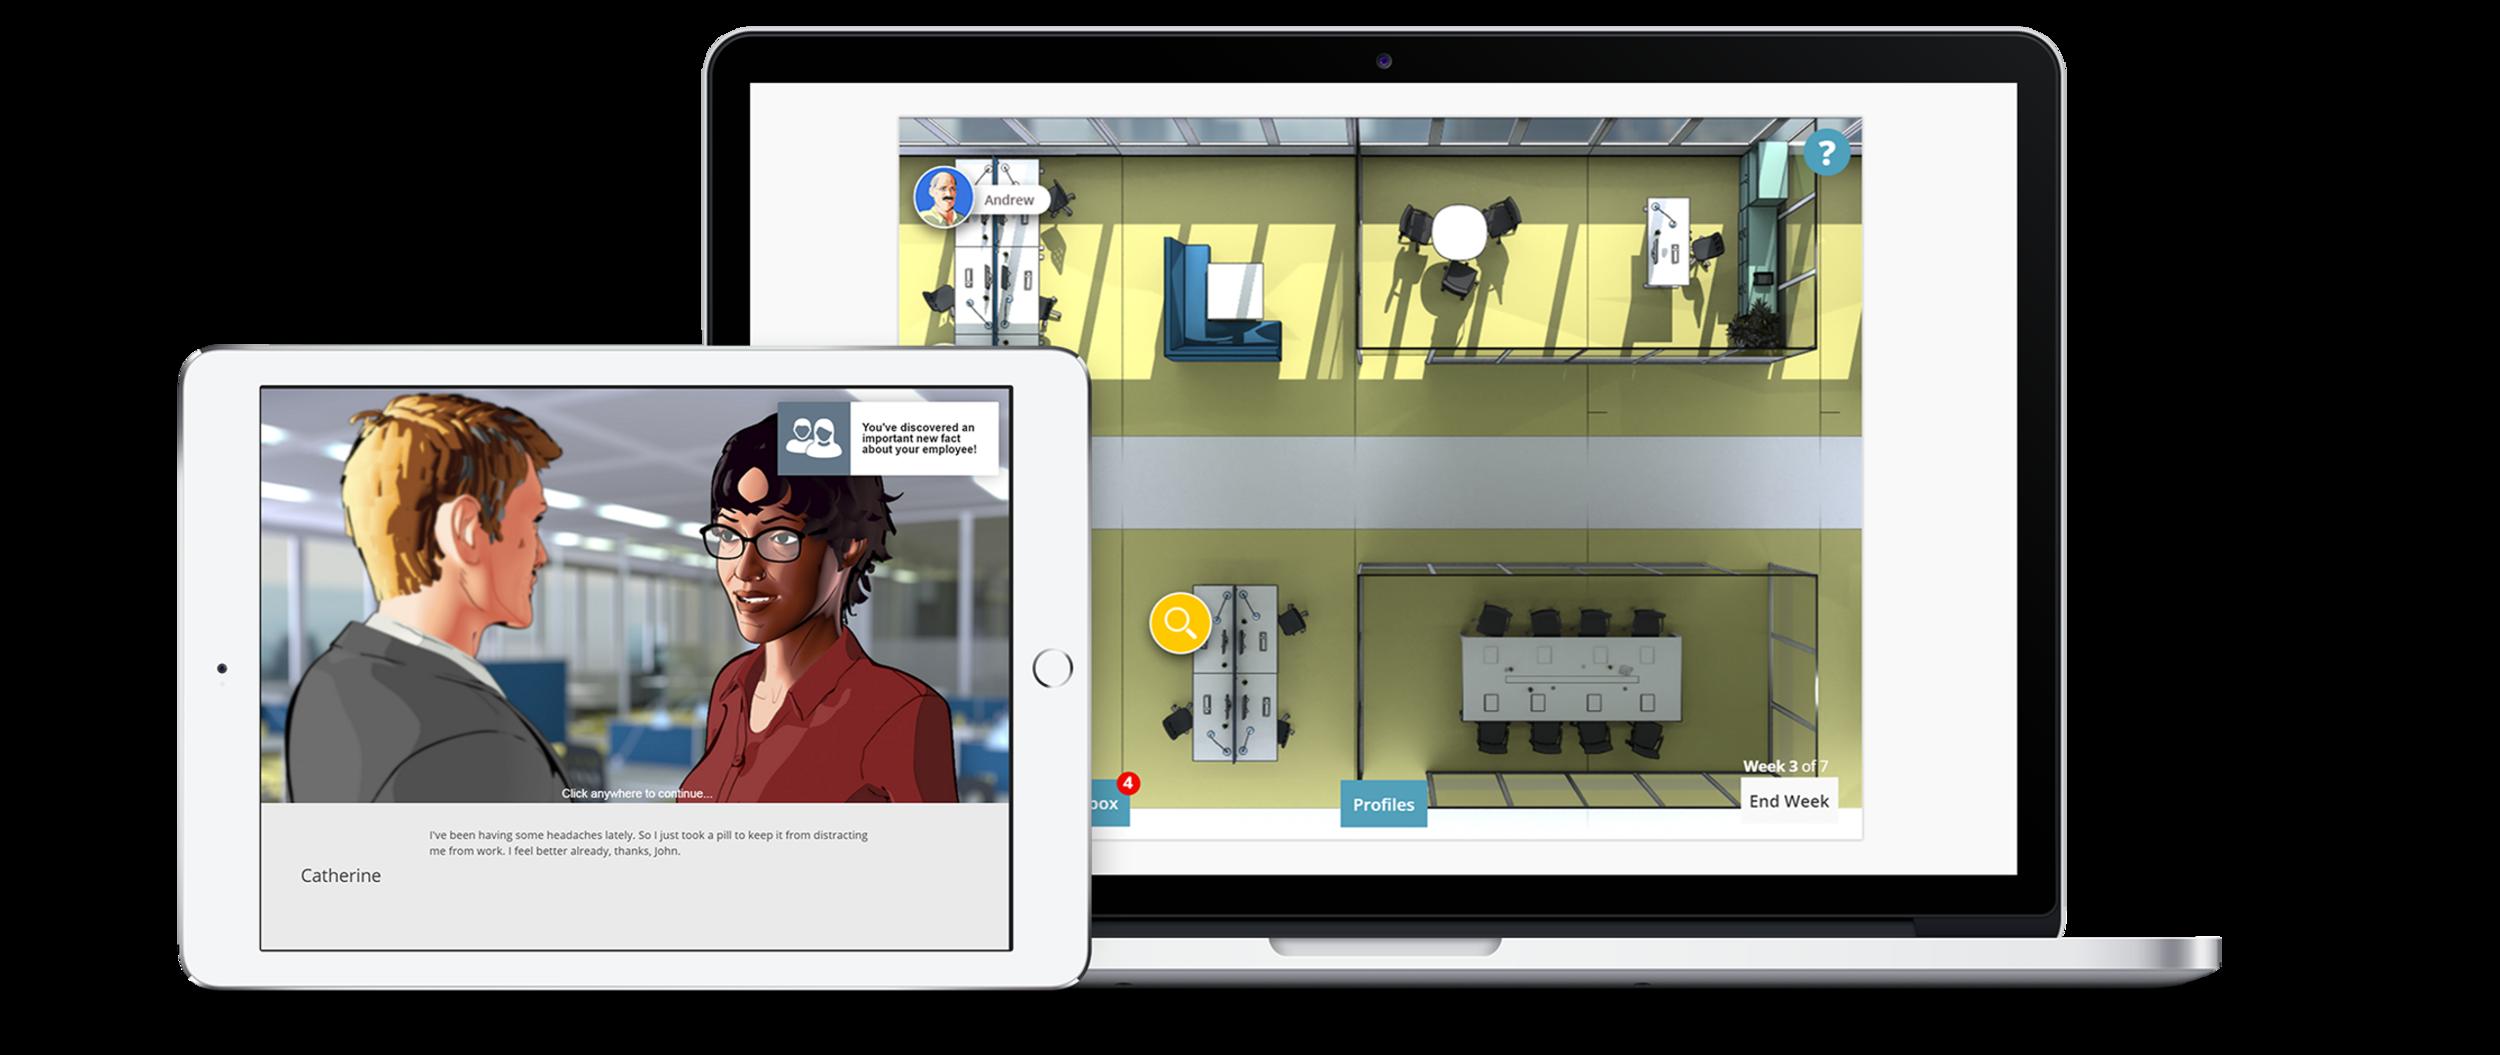 virtuelle Szenarien basieren auf modernster Webtechnologie und sind Geräteunabhäng spielbar.